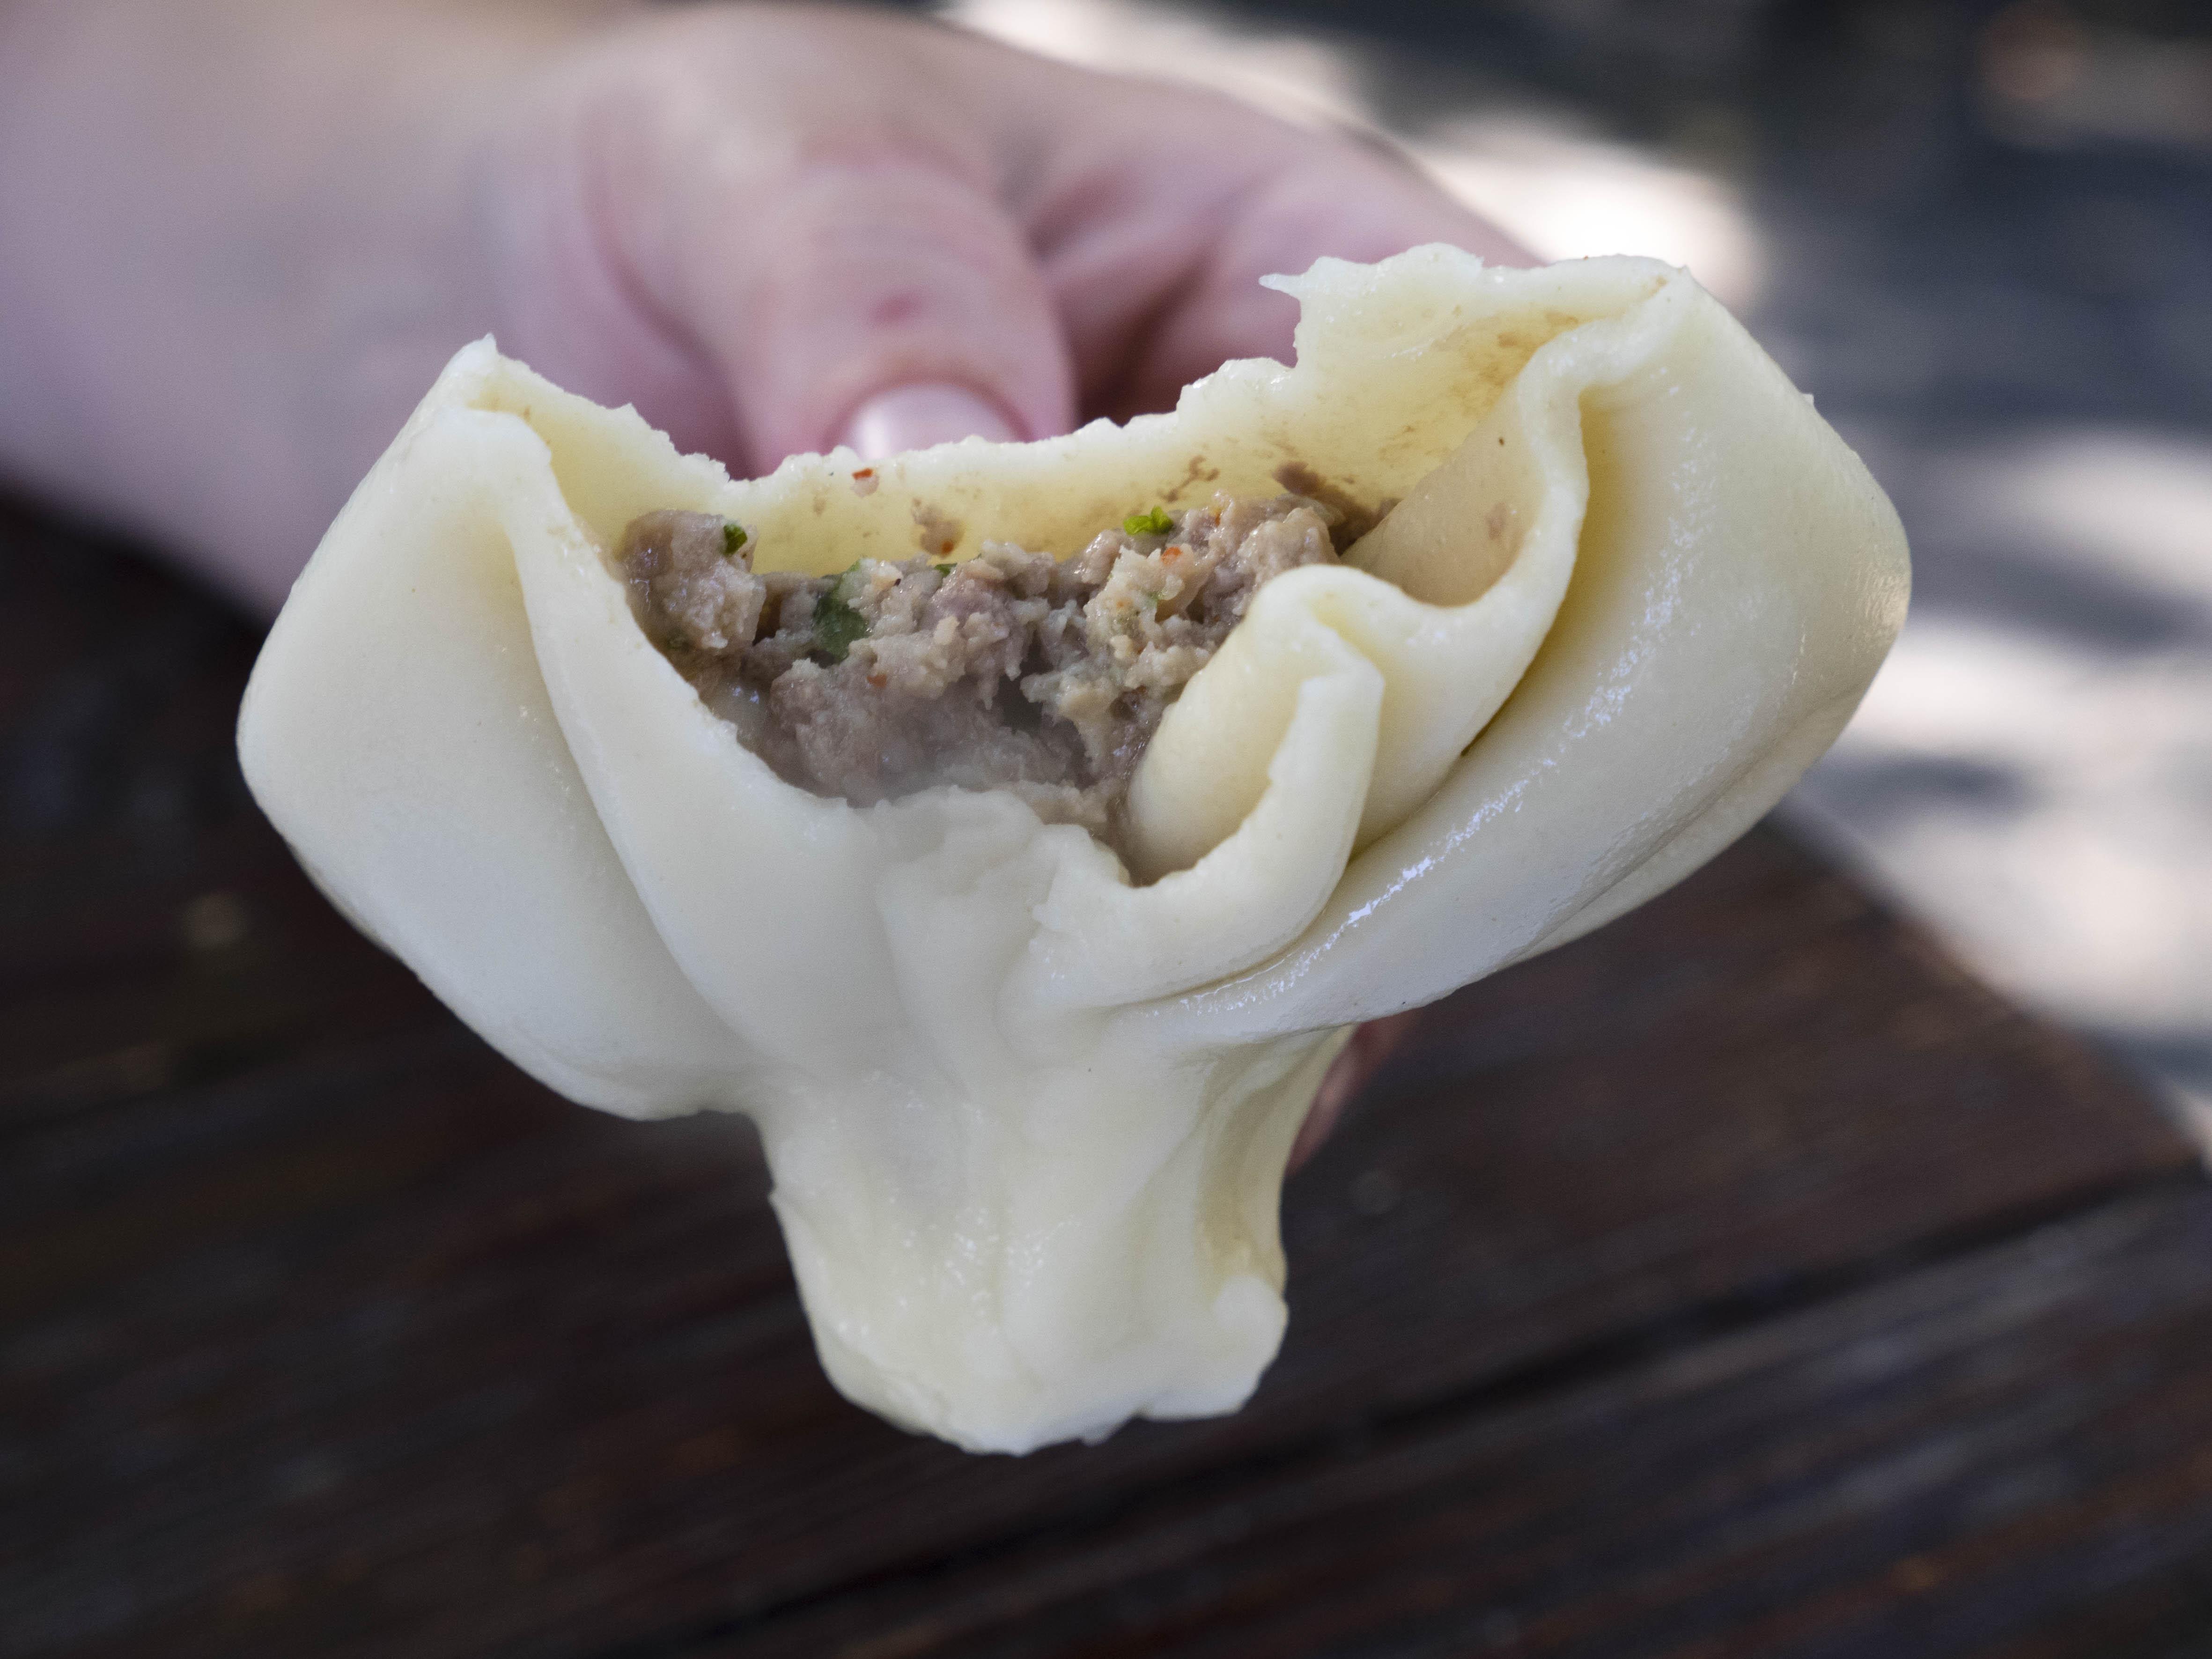 A large meat-filled khinkali dumpling